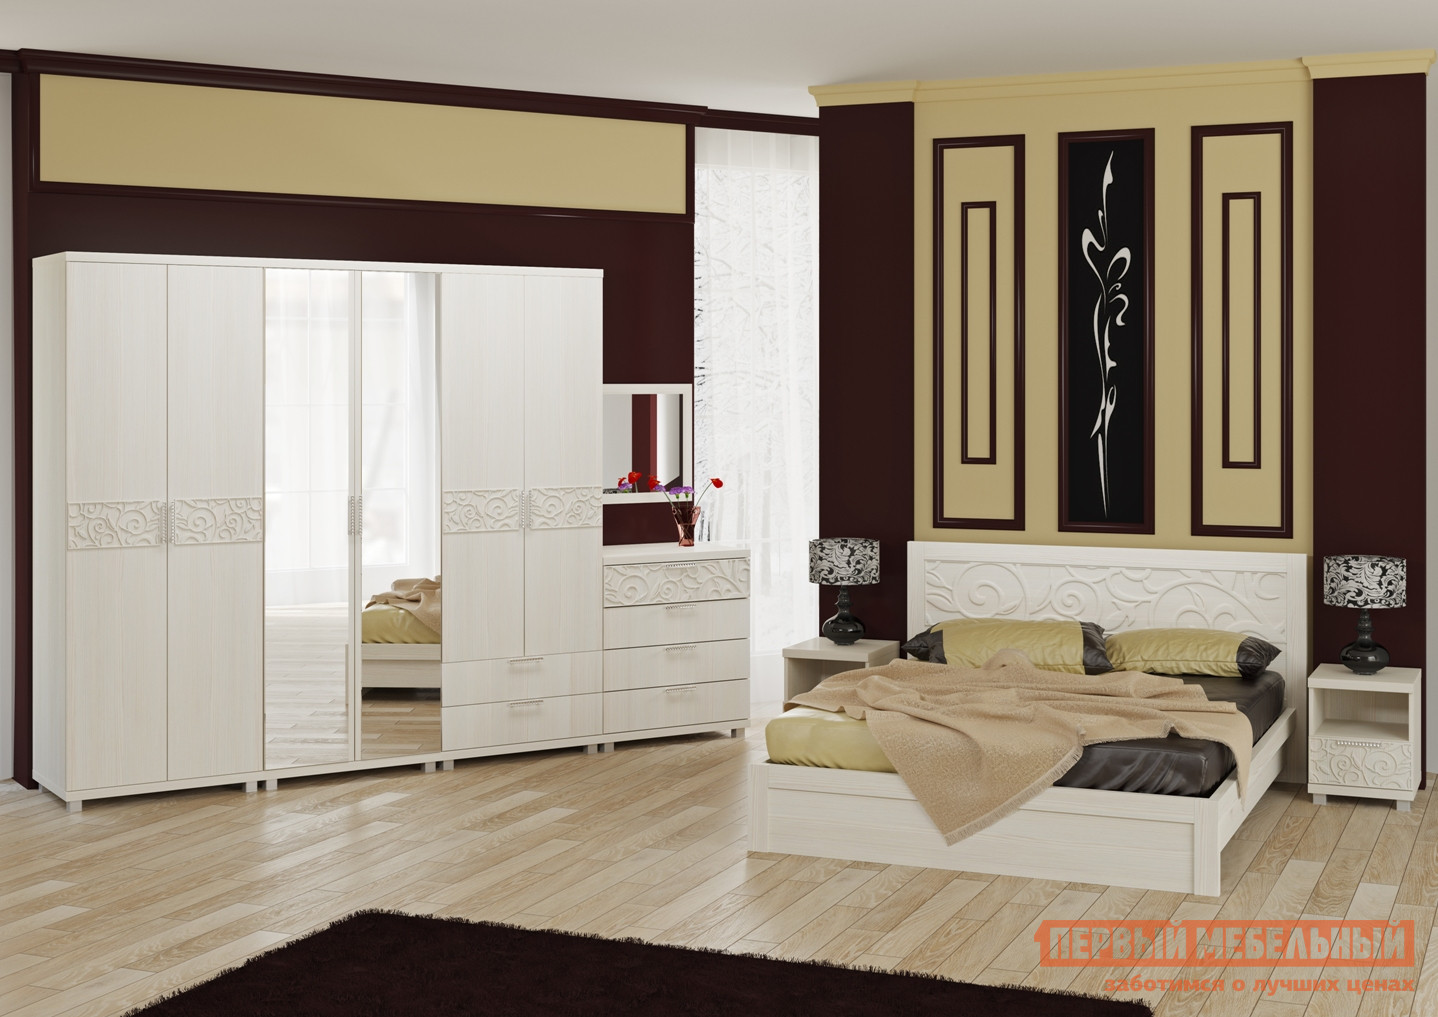 Комплект мебели для спальни ТД Арника Ирис К6 комплект детской мебели тд арника робинзон к1